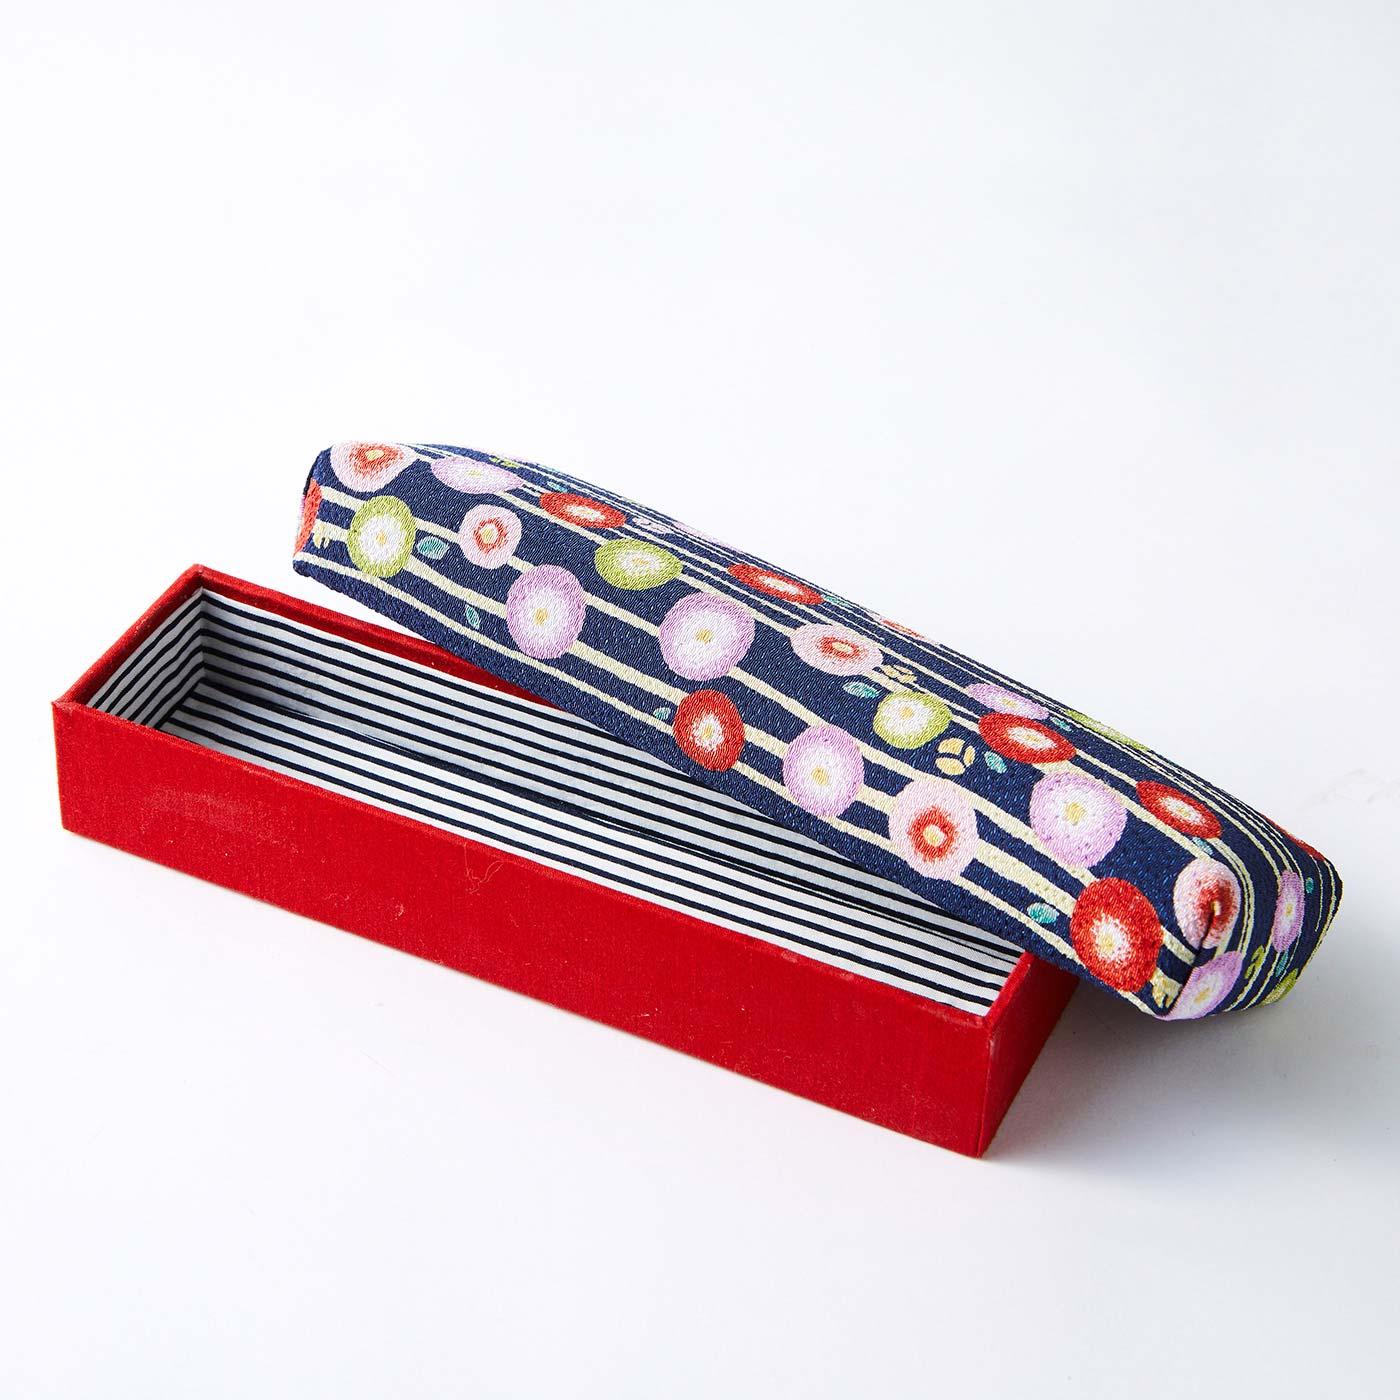 長箱(ペンケース) 縦約6.5cm、横約20.5cm、高さ約4cm